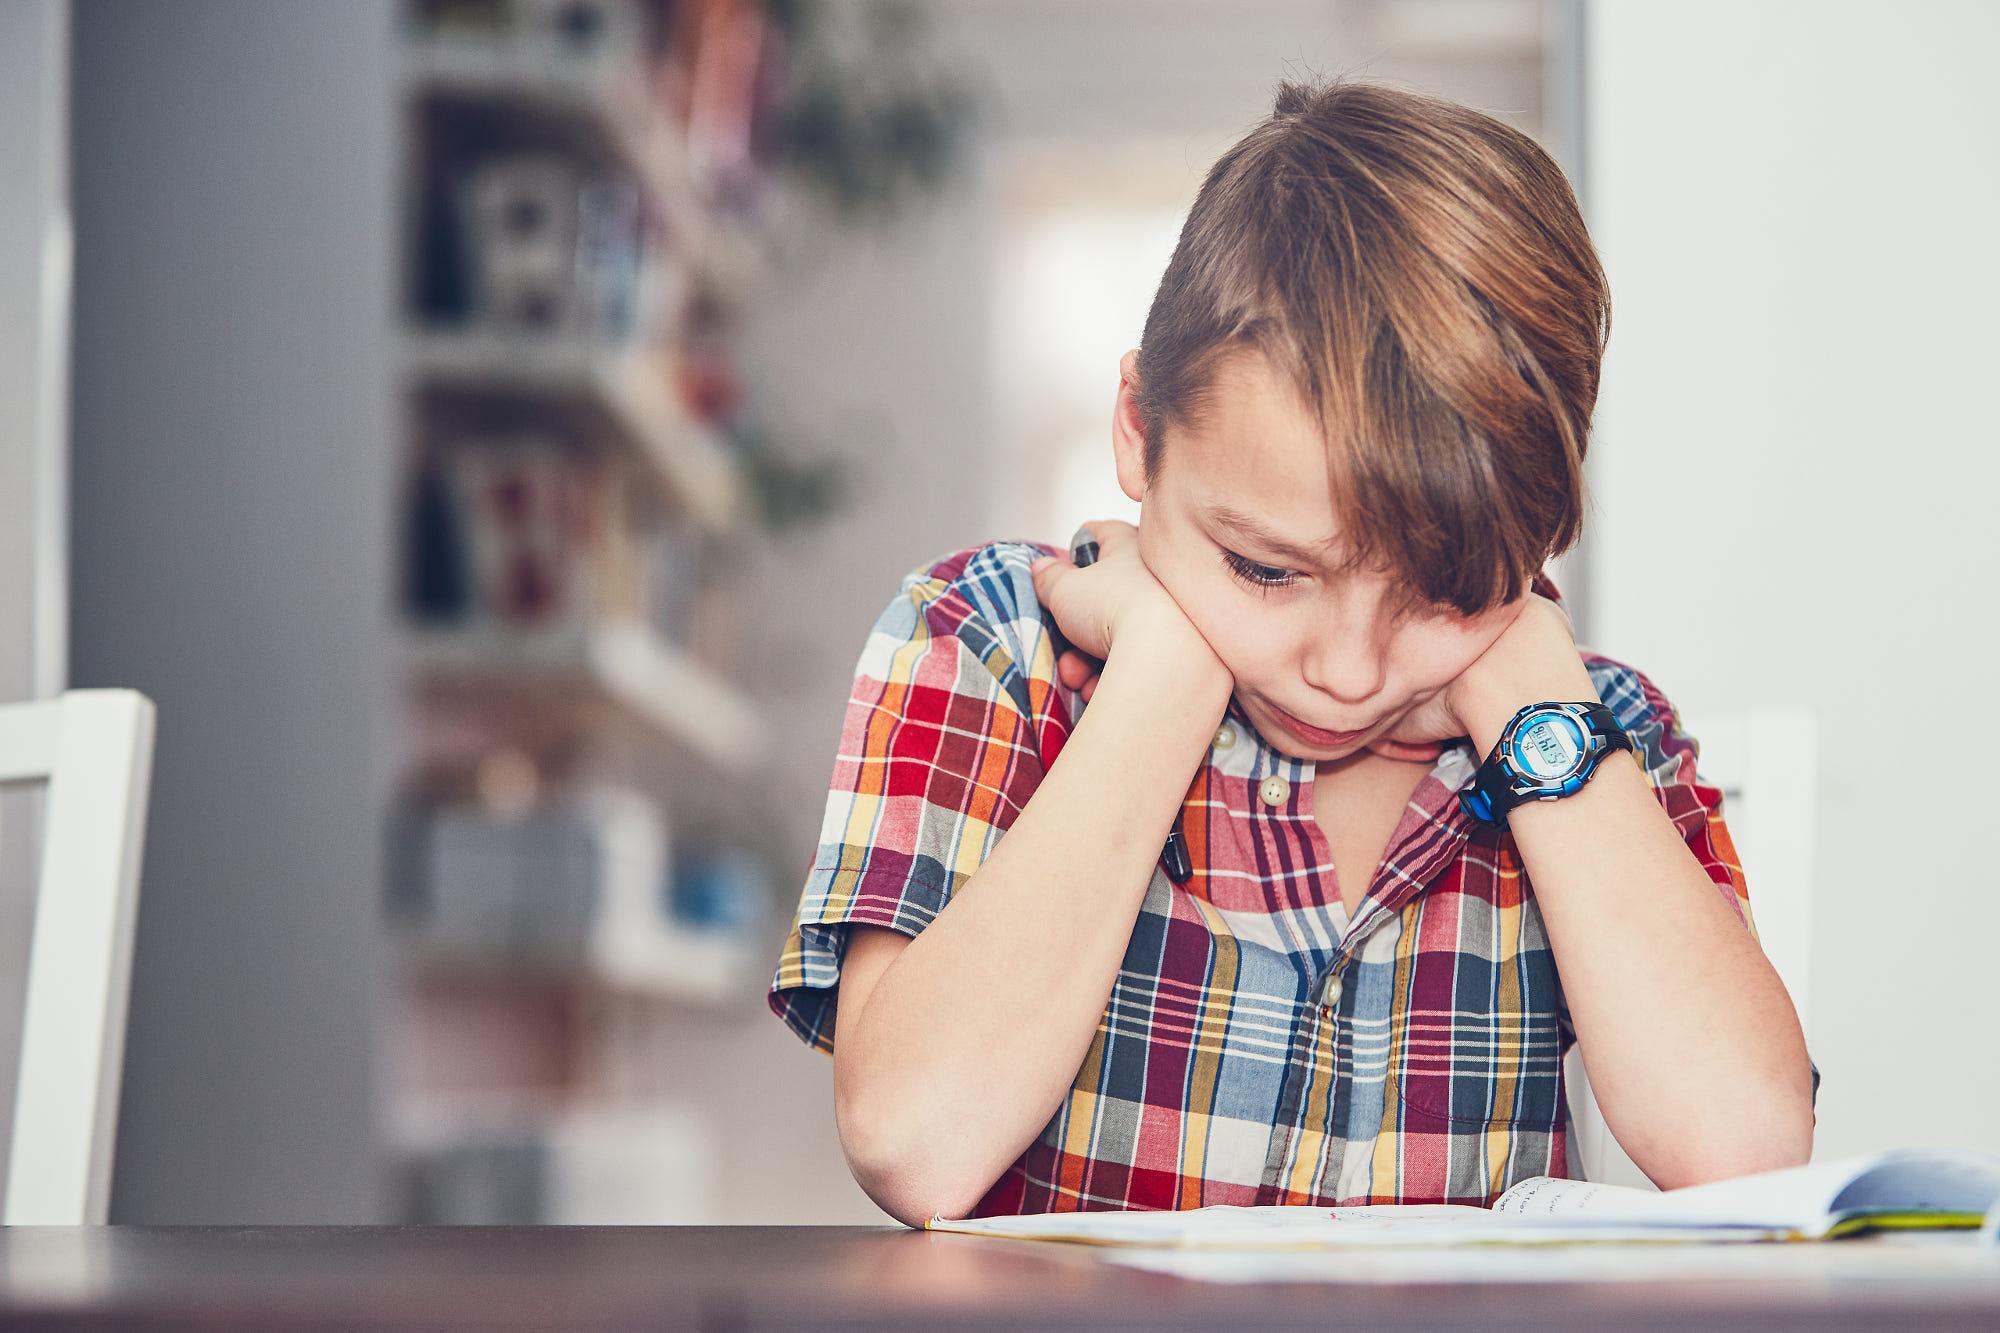 Bir Daha Hiç Görmeyeceğiniz Öğrencilerinize Söyleyebileceğiniz 30 Etkili Söz, İLK EVİN - Özel Eğitim ve Rehabilitasyon Merkezi